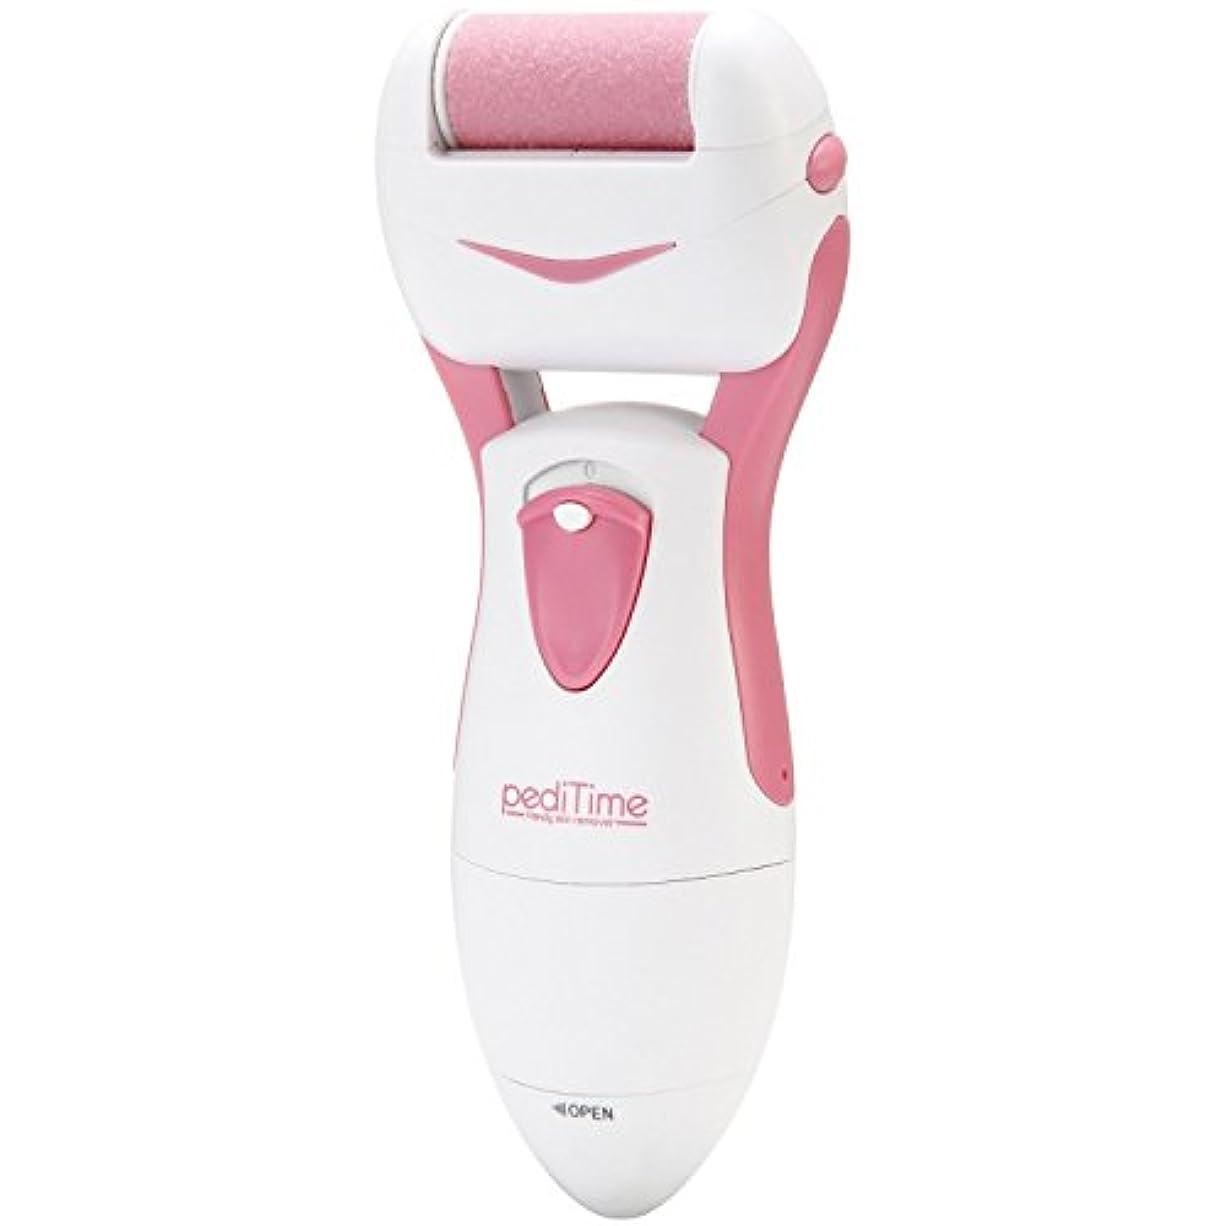 母性動物ヘッドレス角質除去 かかと 足裏 電動角質リムーバー ペディタイム pediTime ピンク